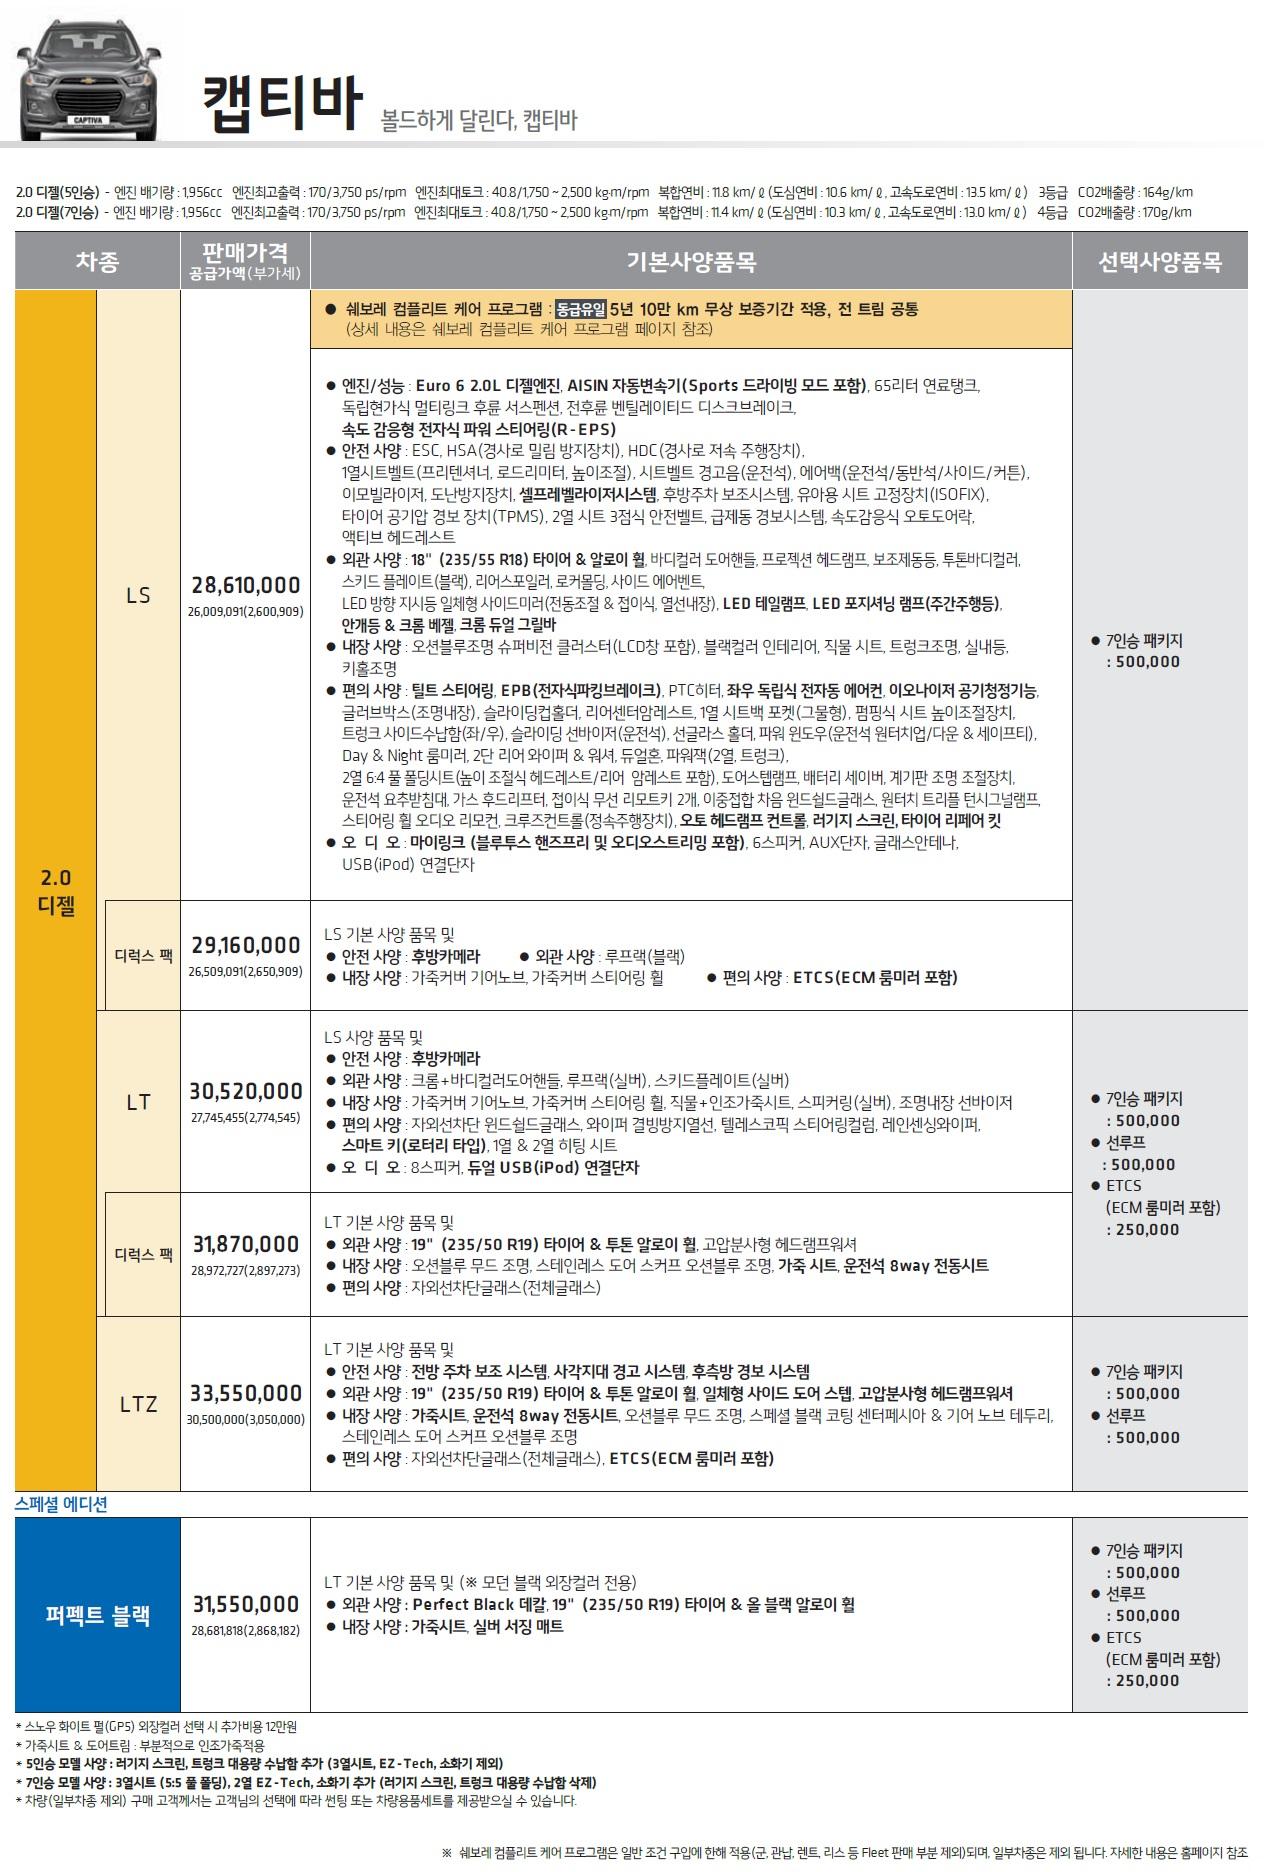 캡티바 가격표 - 2017년 05월 -1.jpg